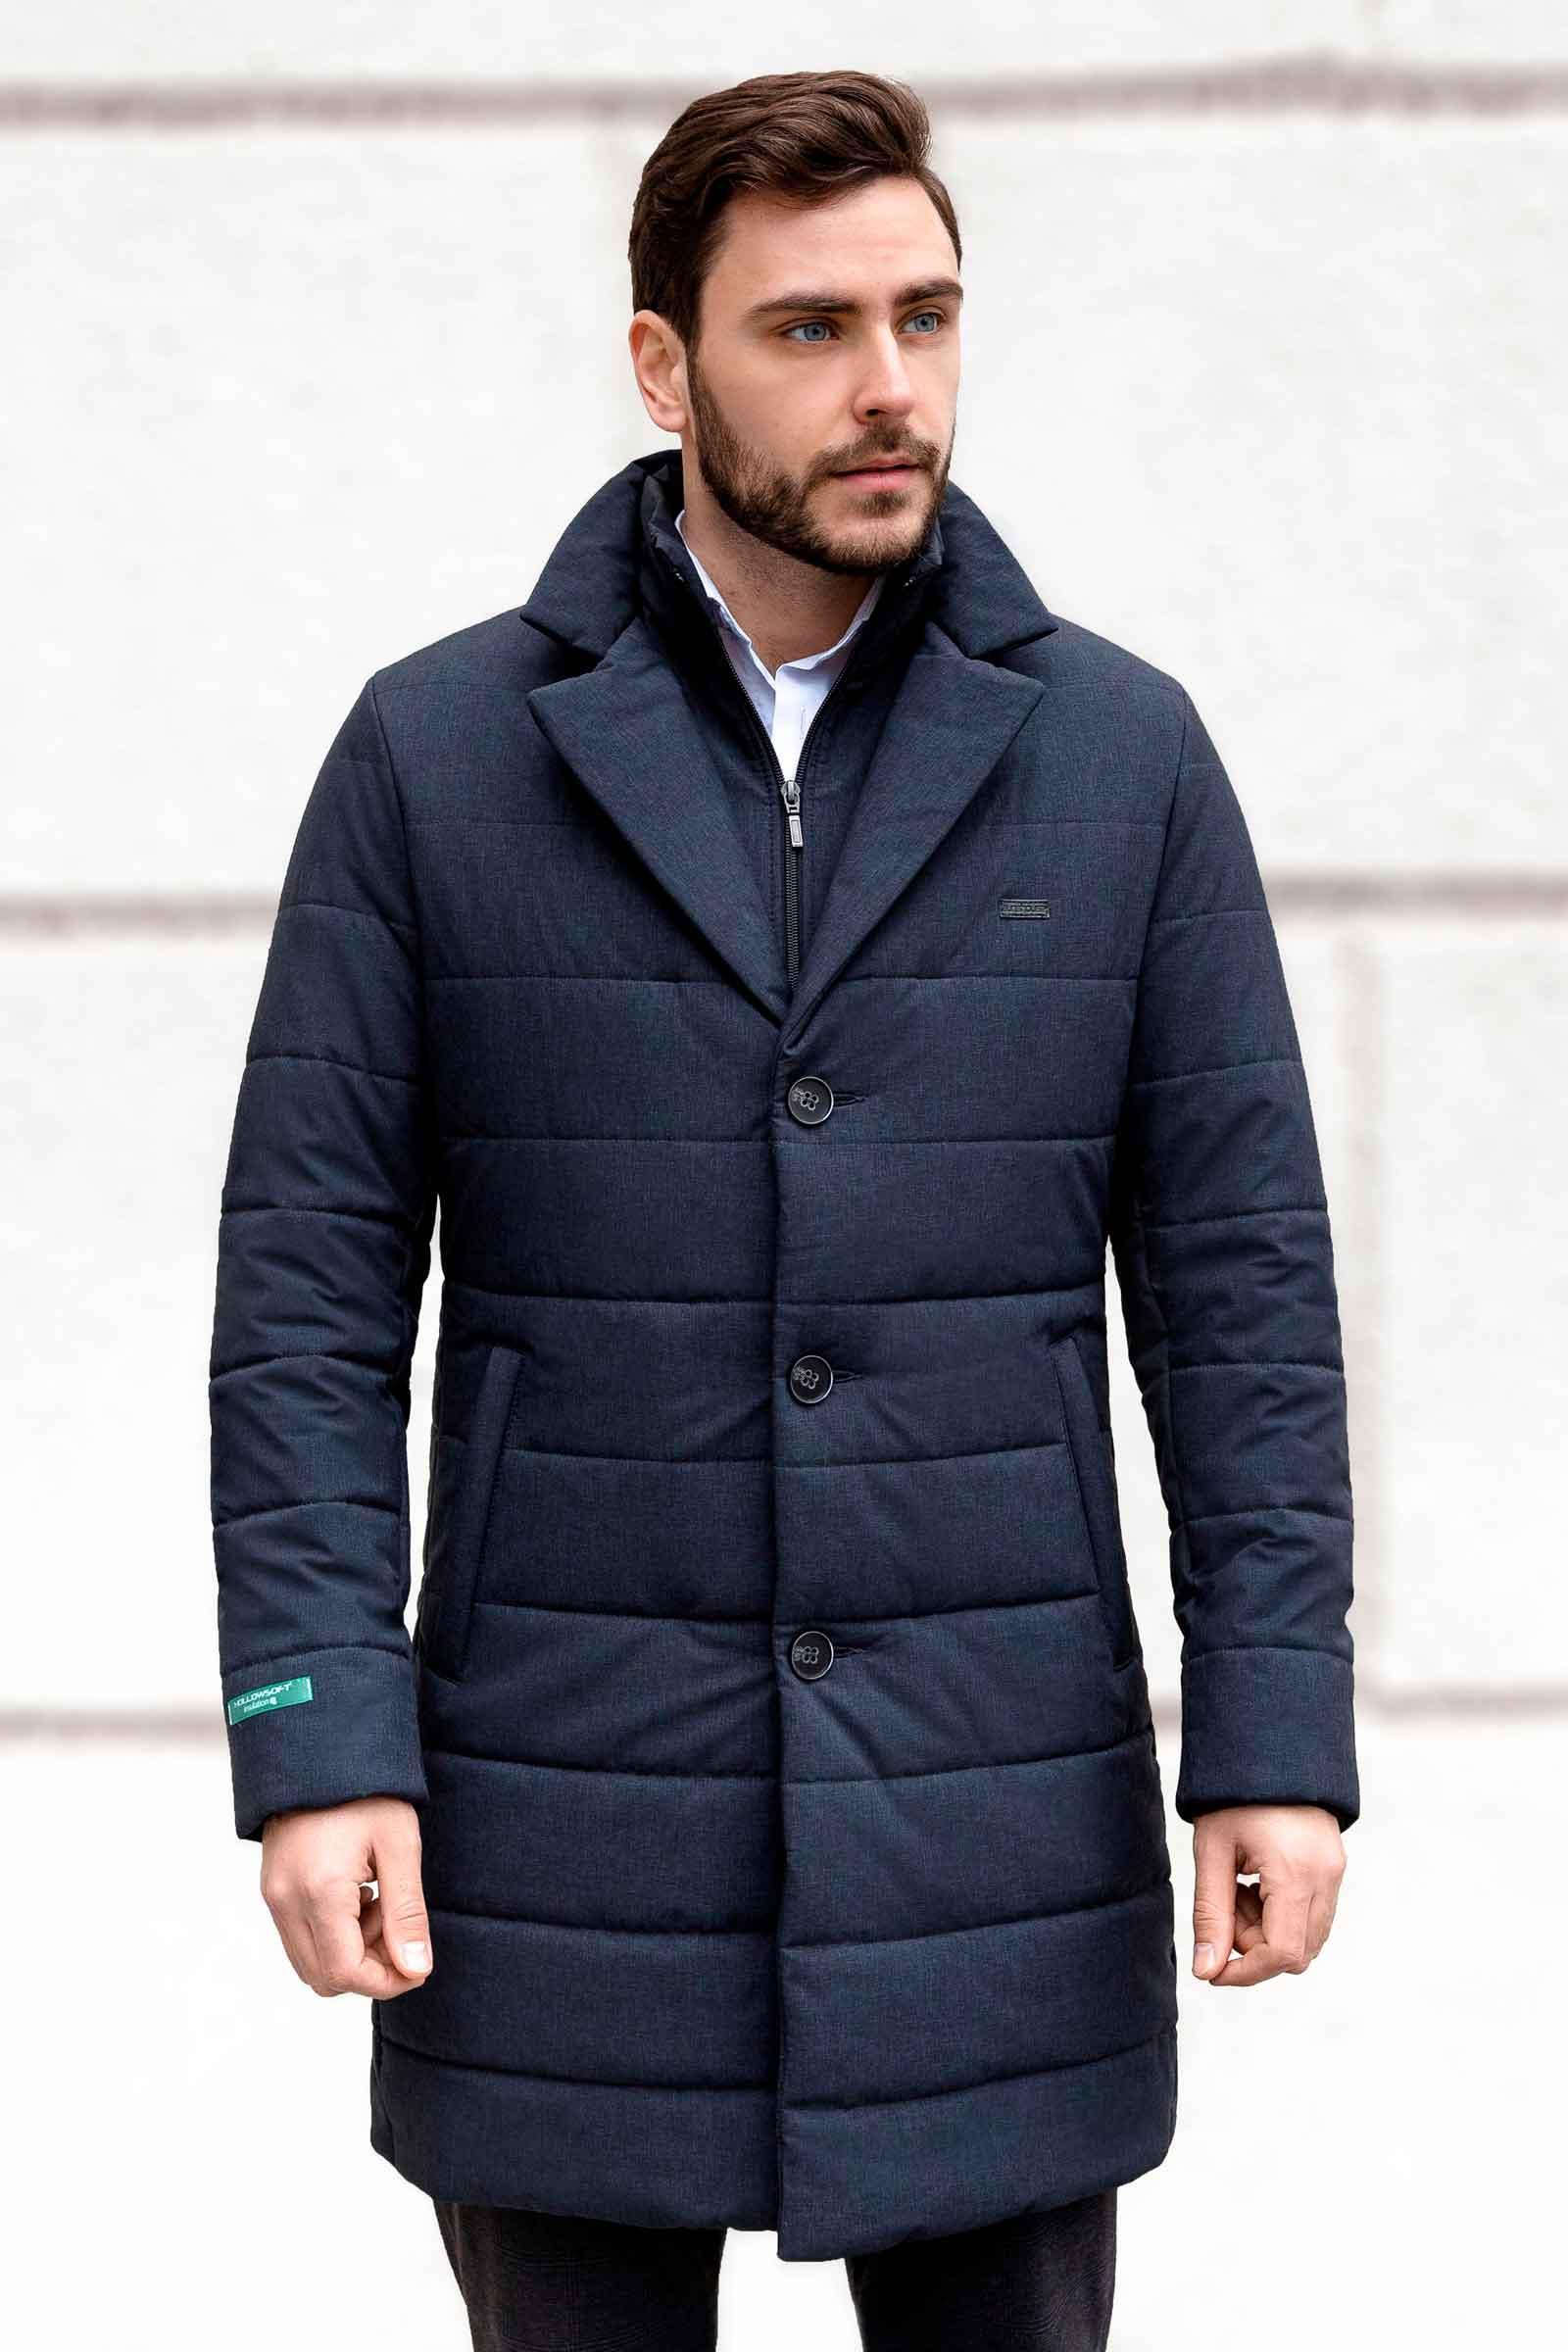 Купить мужскую утепленную куртку Харьков -  фото